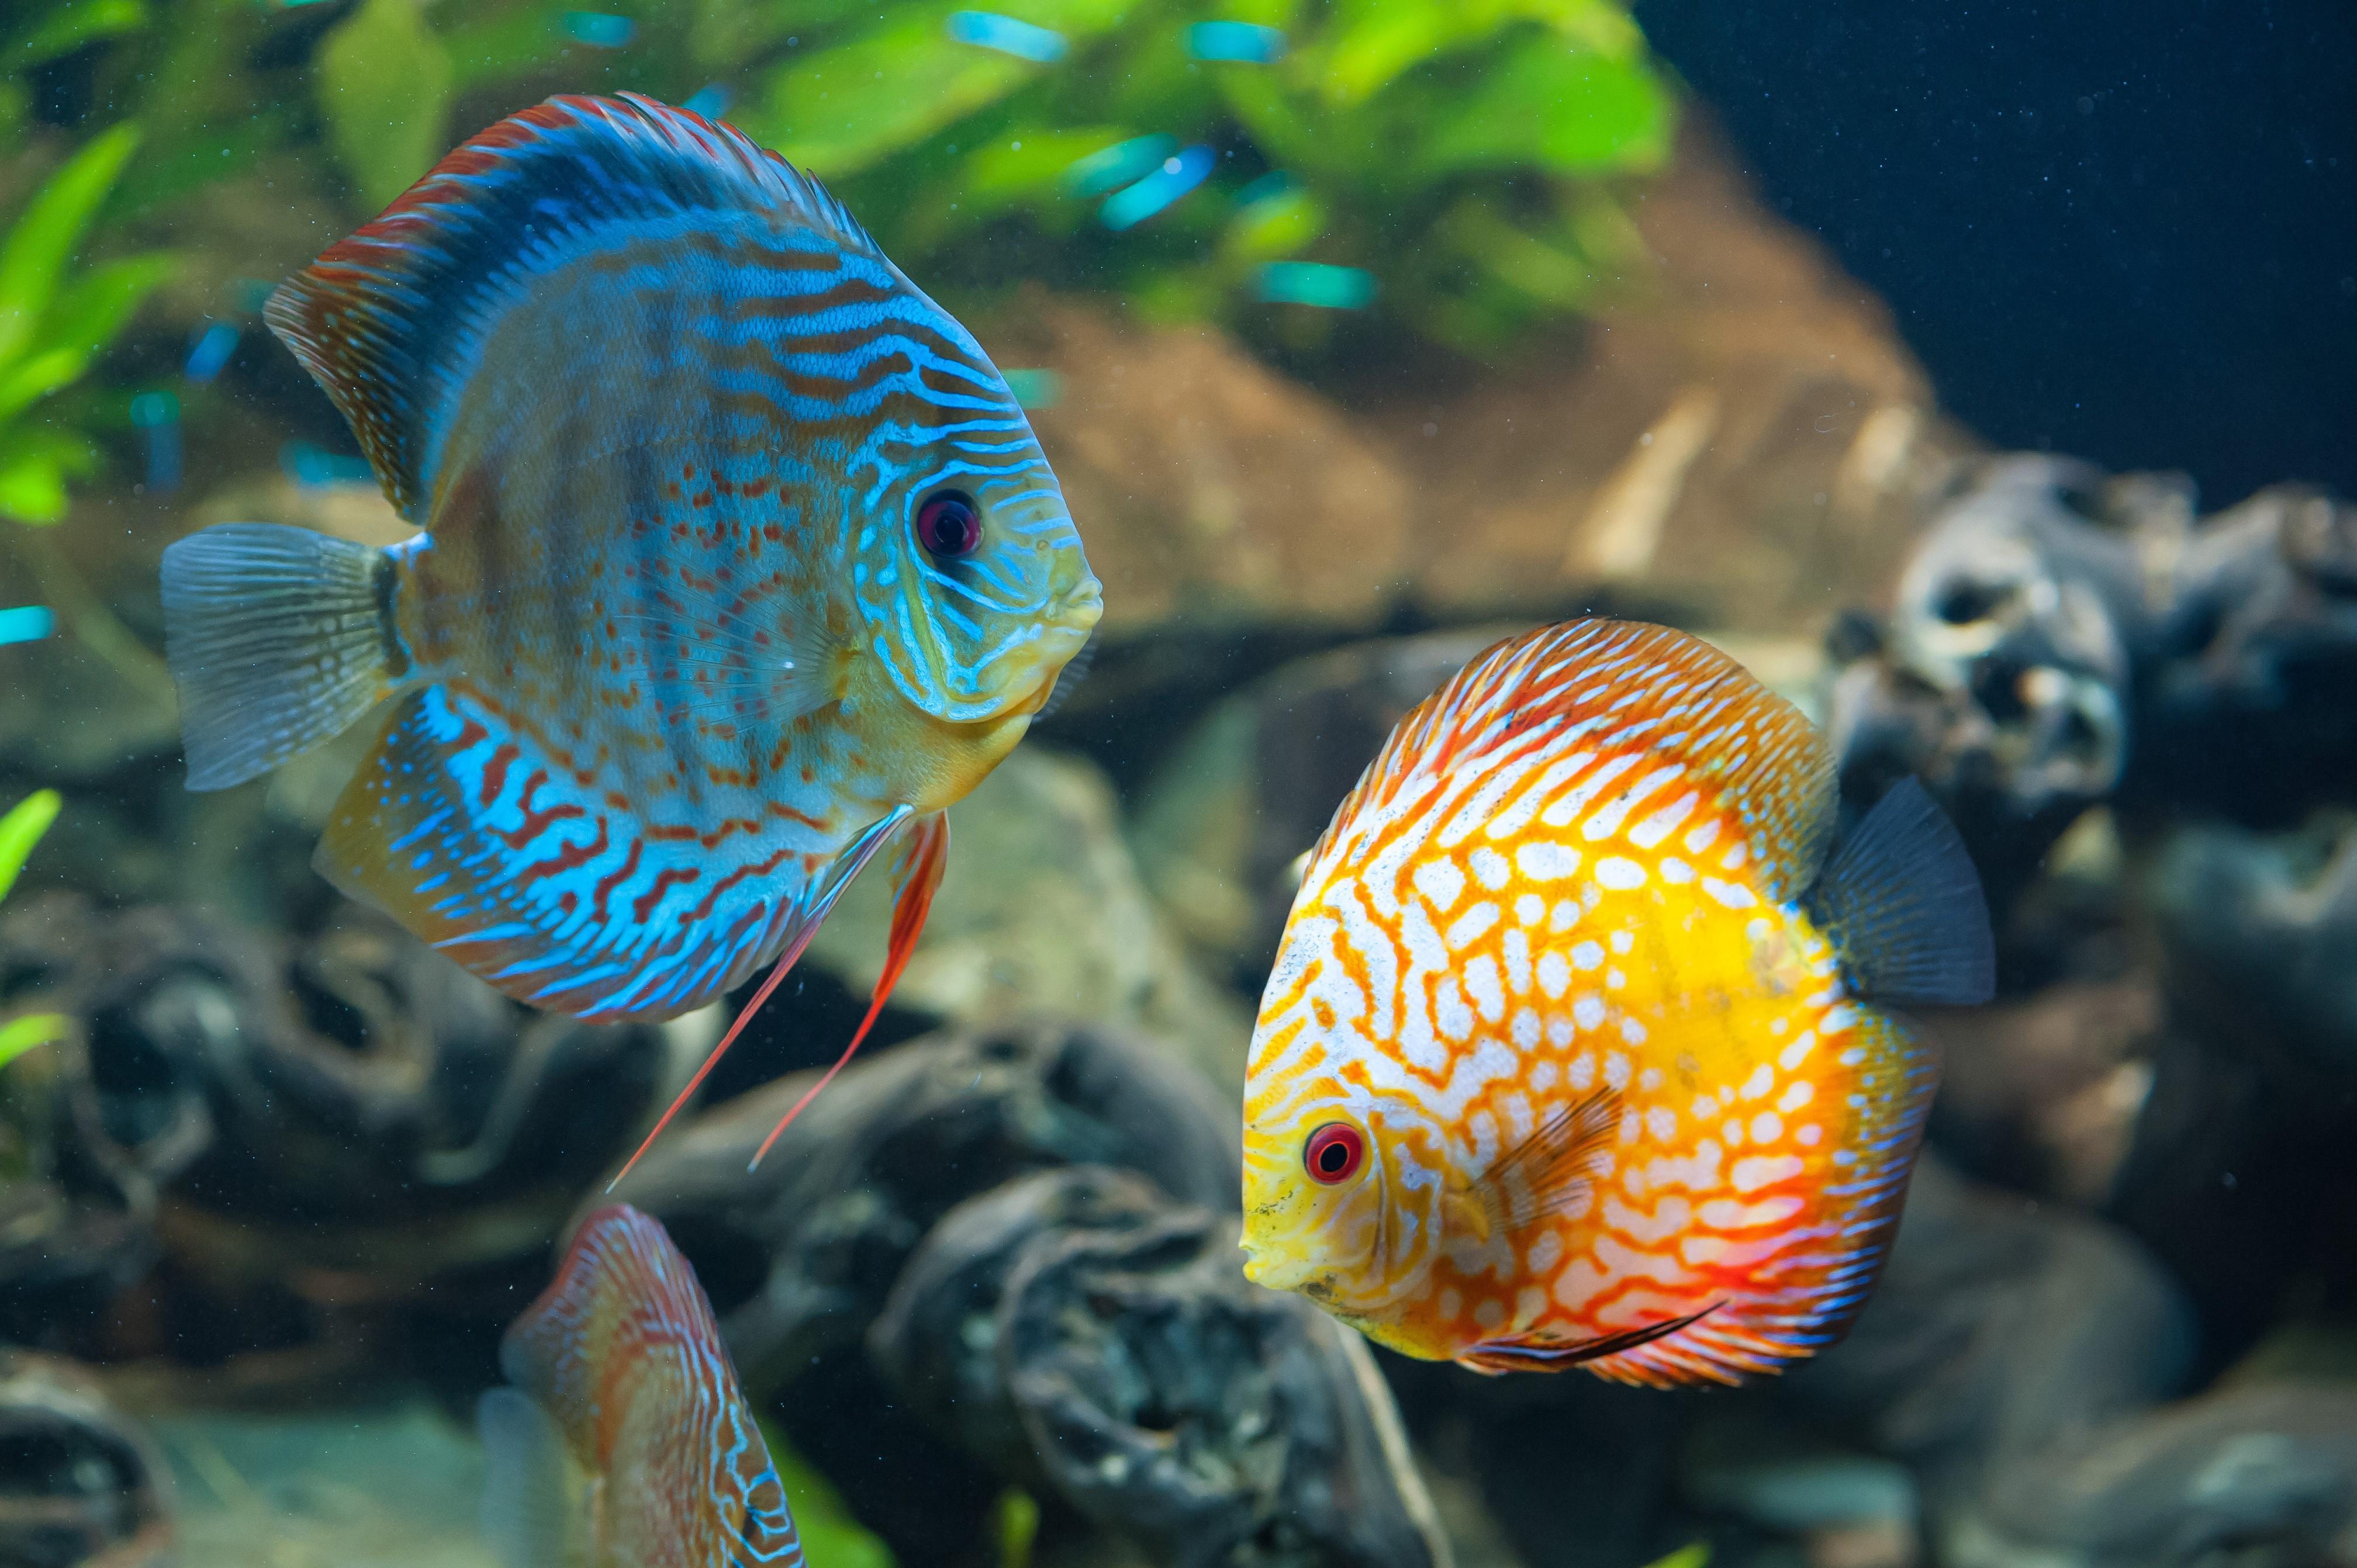 Fish aquarium white spots - Blue And Orange Fish With White Spots In The Aquarium